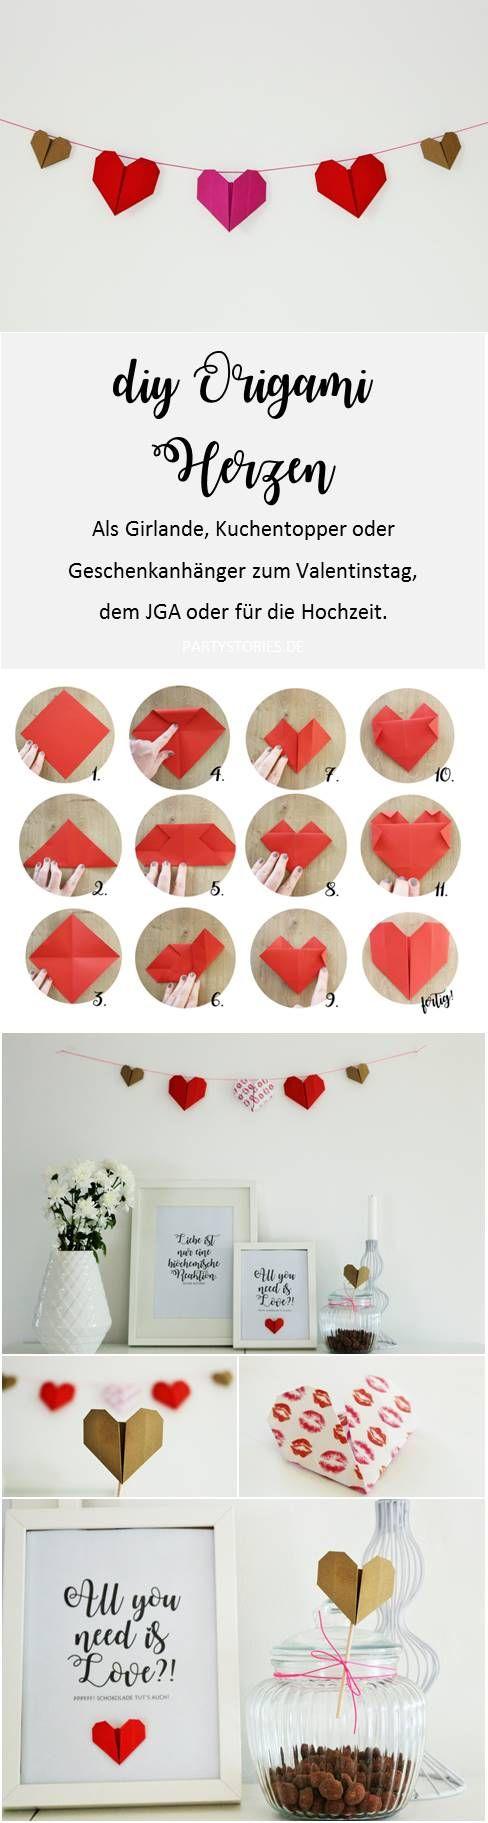 Anleitung für DIY Origami Herz